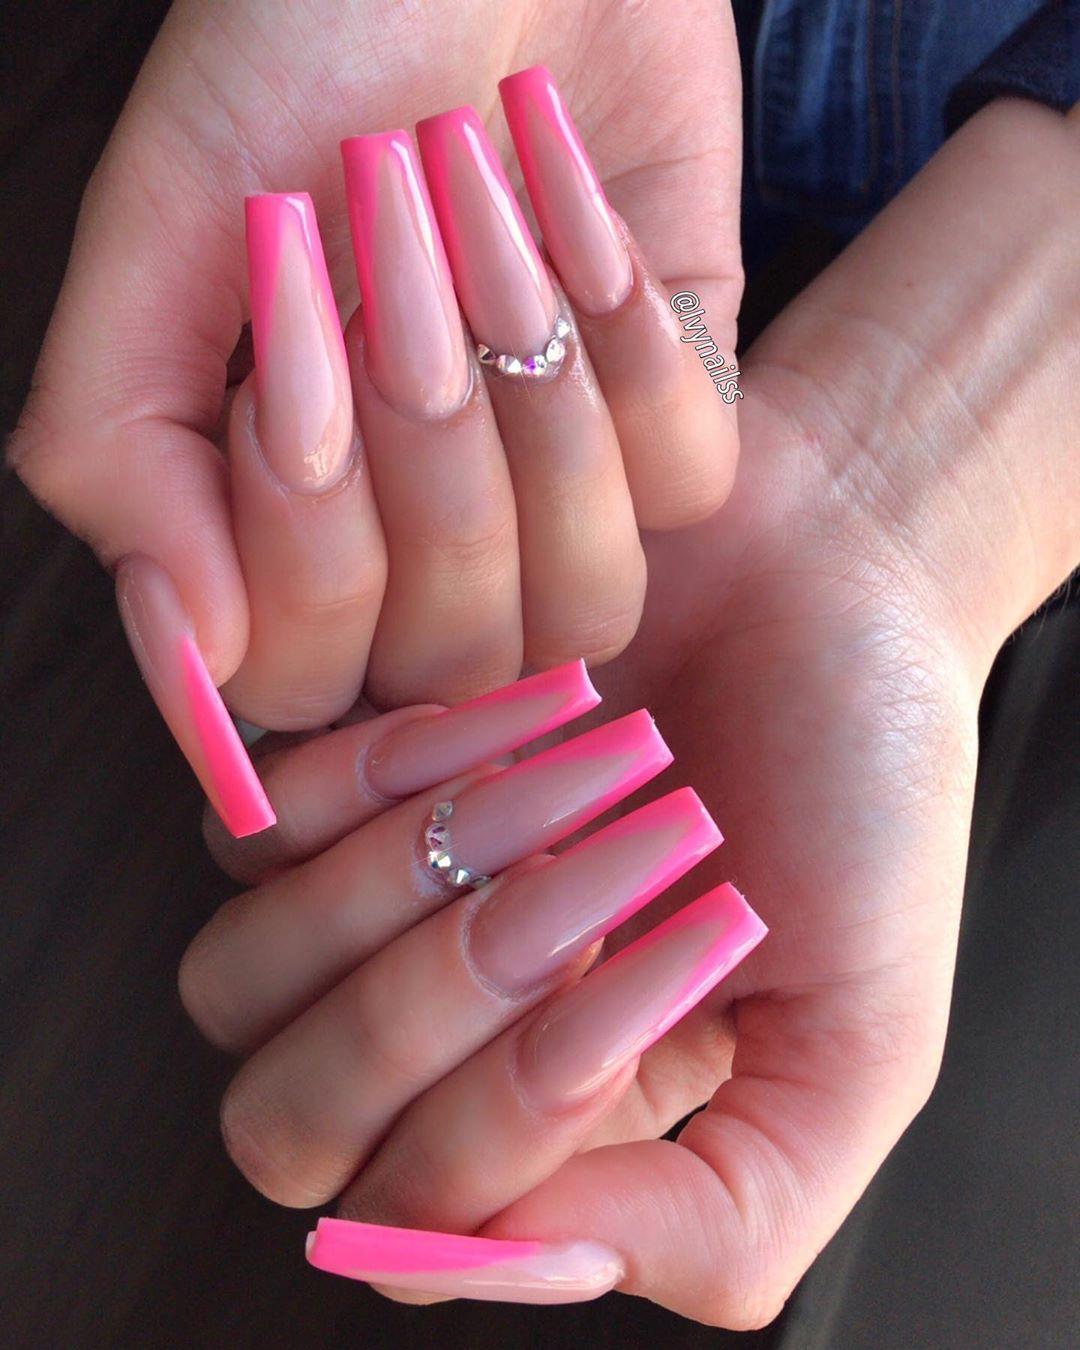 Diggin The V For Ashleyyeezus Nailsonfleek Nail Nai Long Square Acrylic Nails Pink Acrylic Nails Pretty Acrylic Nails